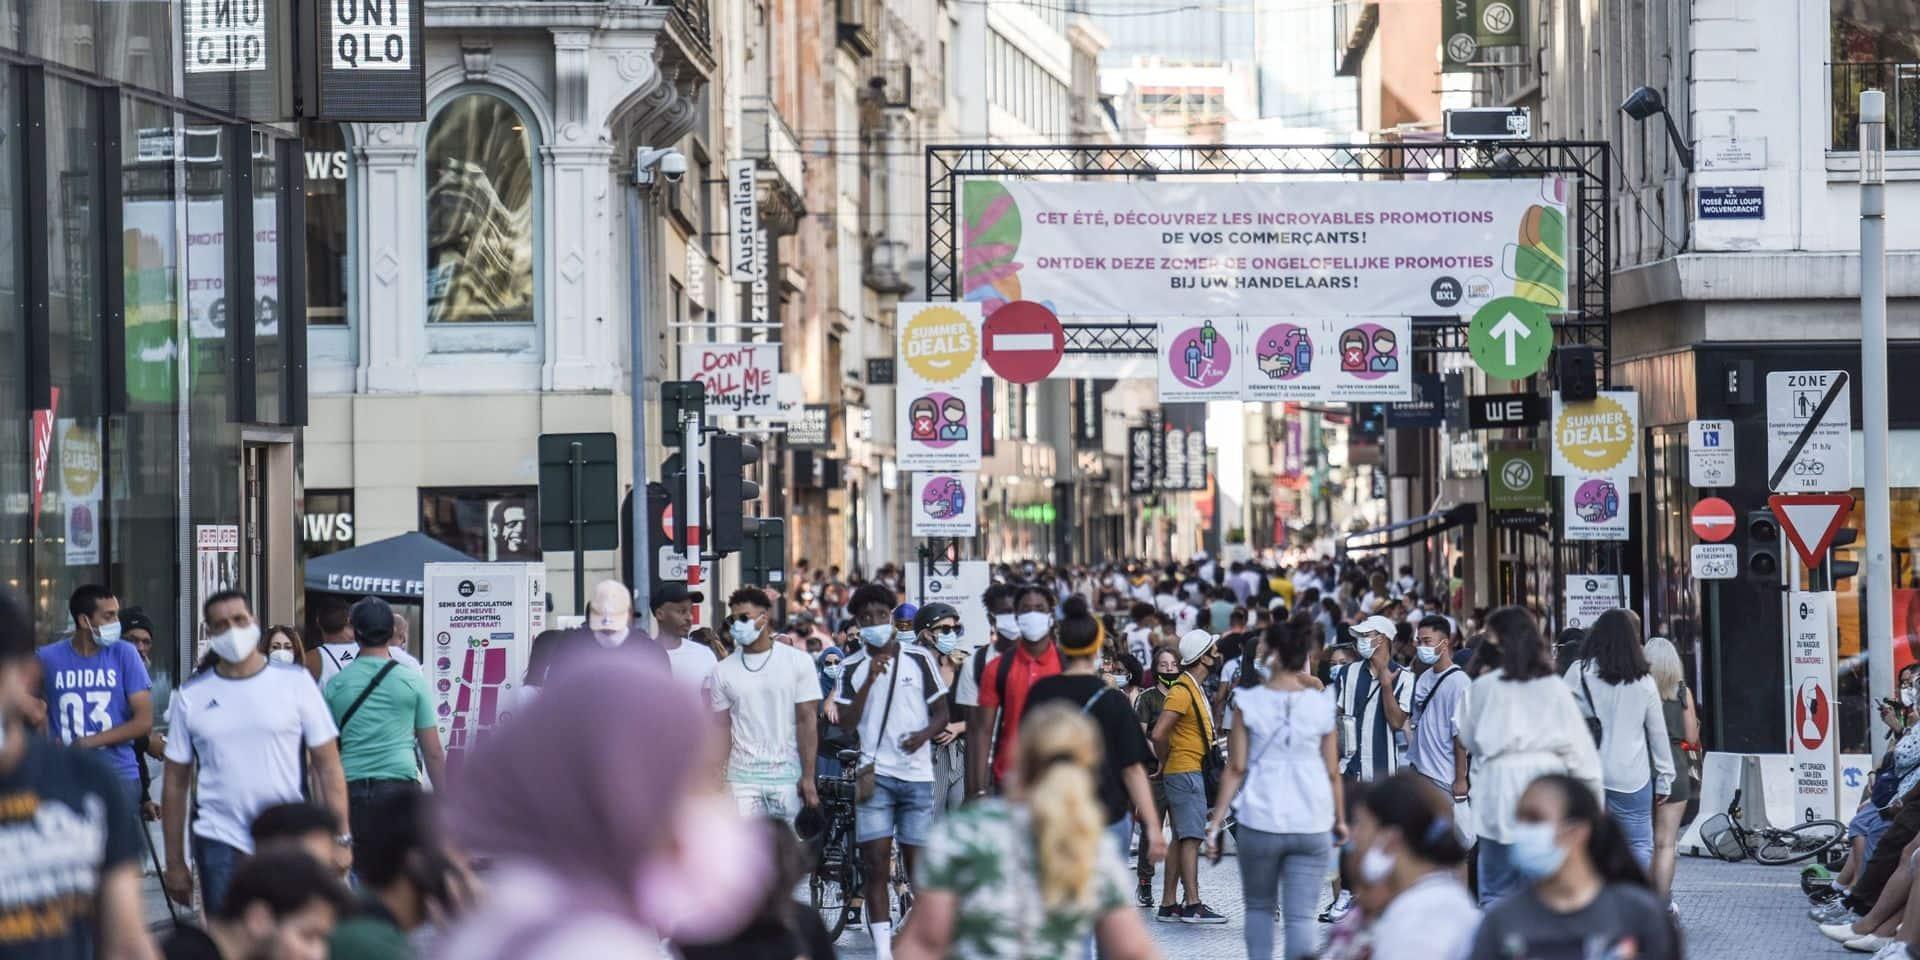 Bruxelles: pas de changement au niveau des mesures, malgré la récente hausse du nombre de cas de coronavirus